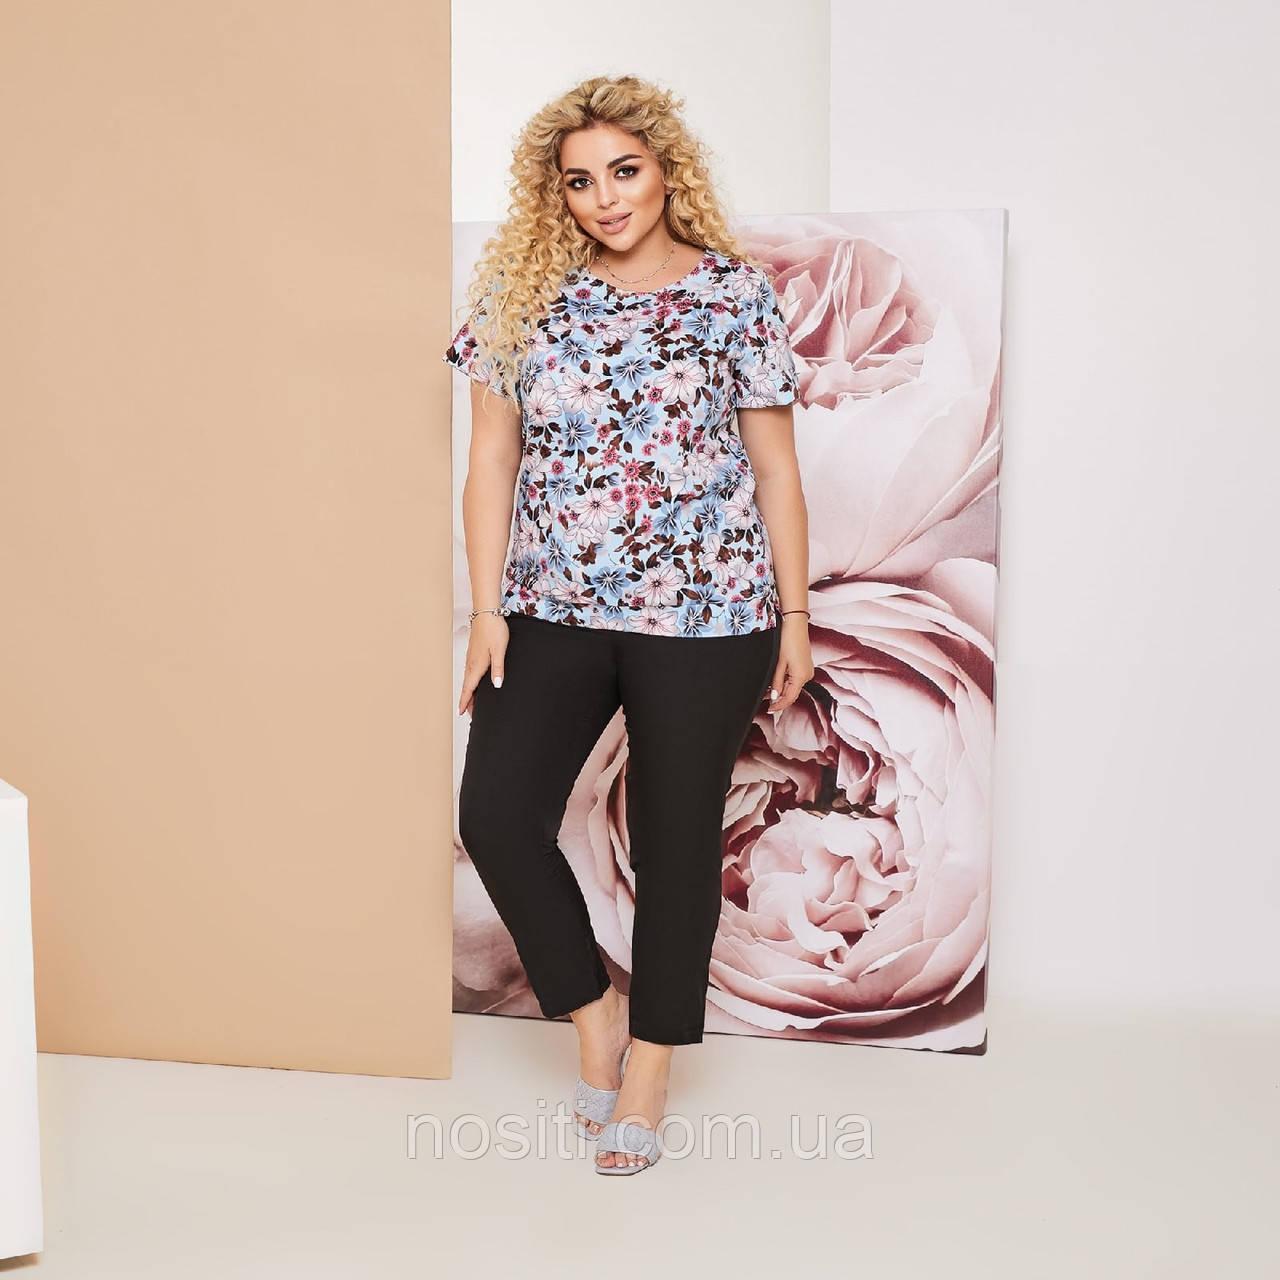 Батальный женский костюм брюки и блузка